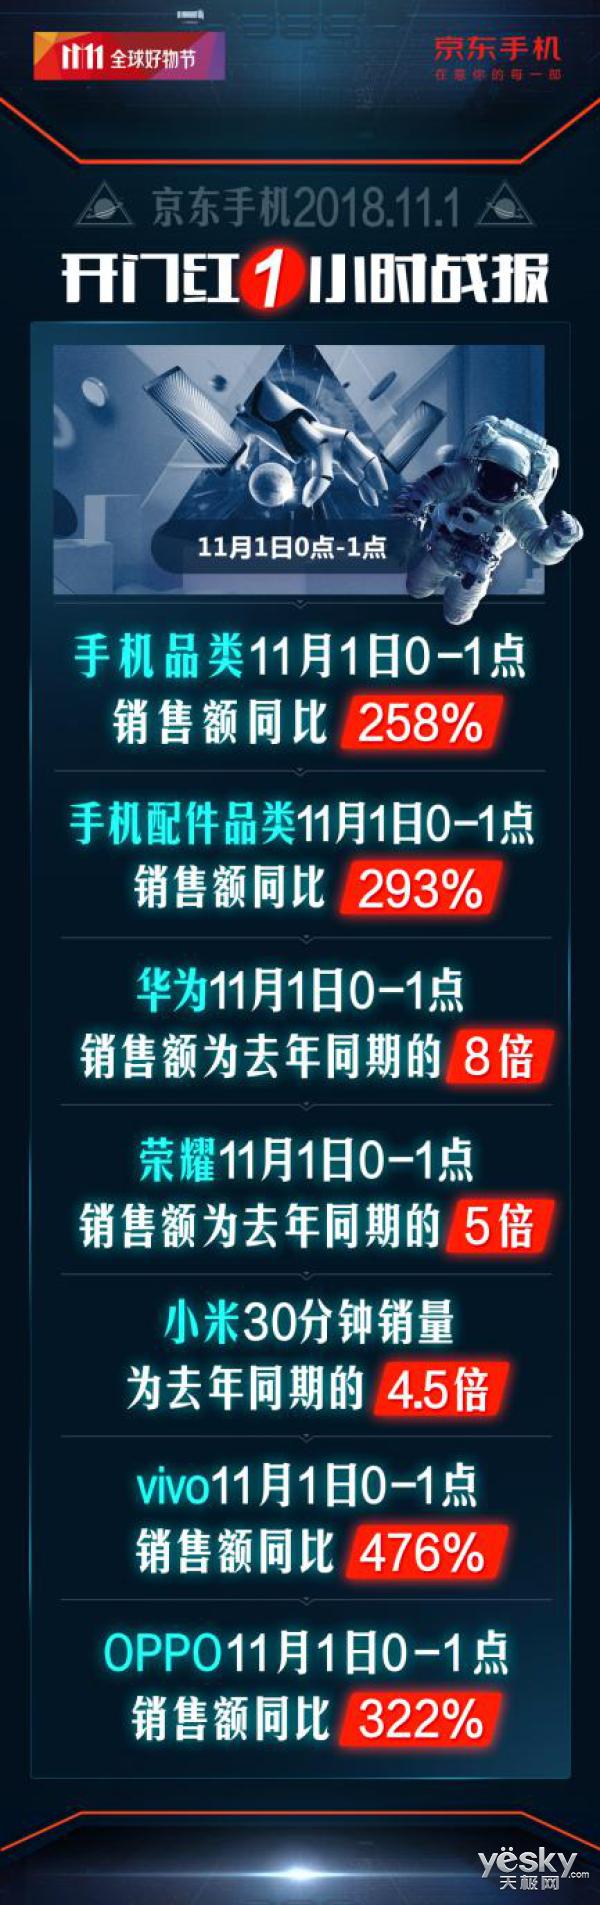 11.11京东开门红  1小时澳门银河游戏平台官网销额同比258%